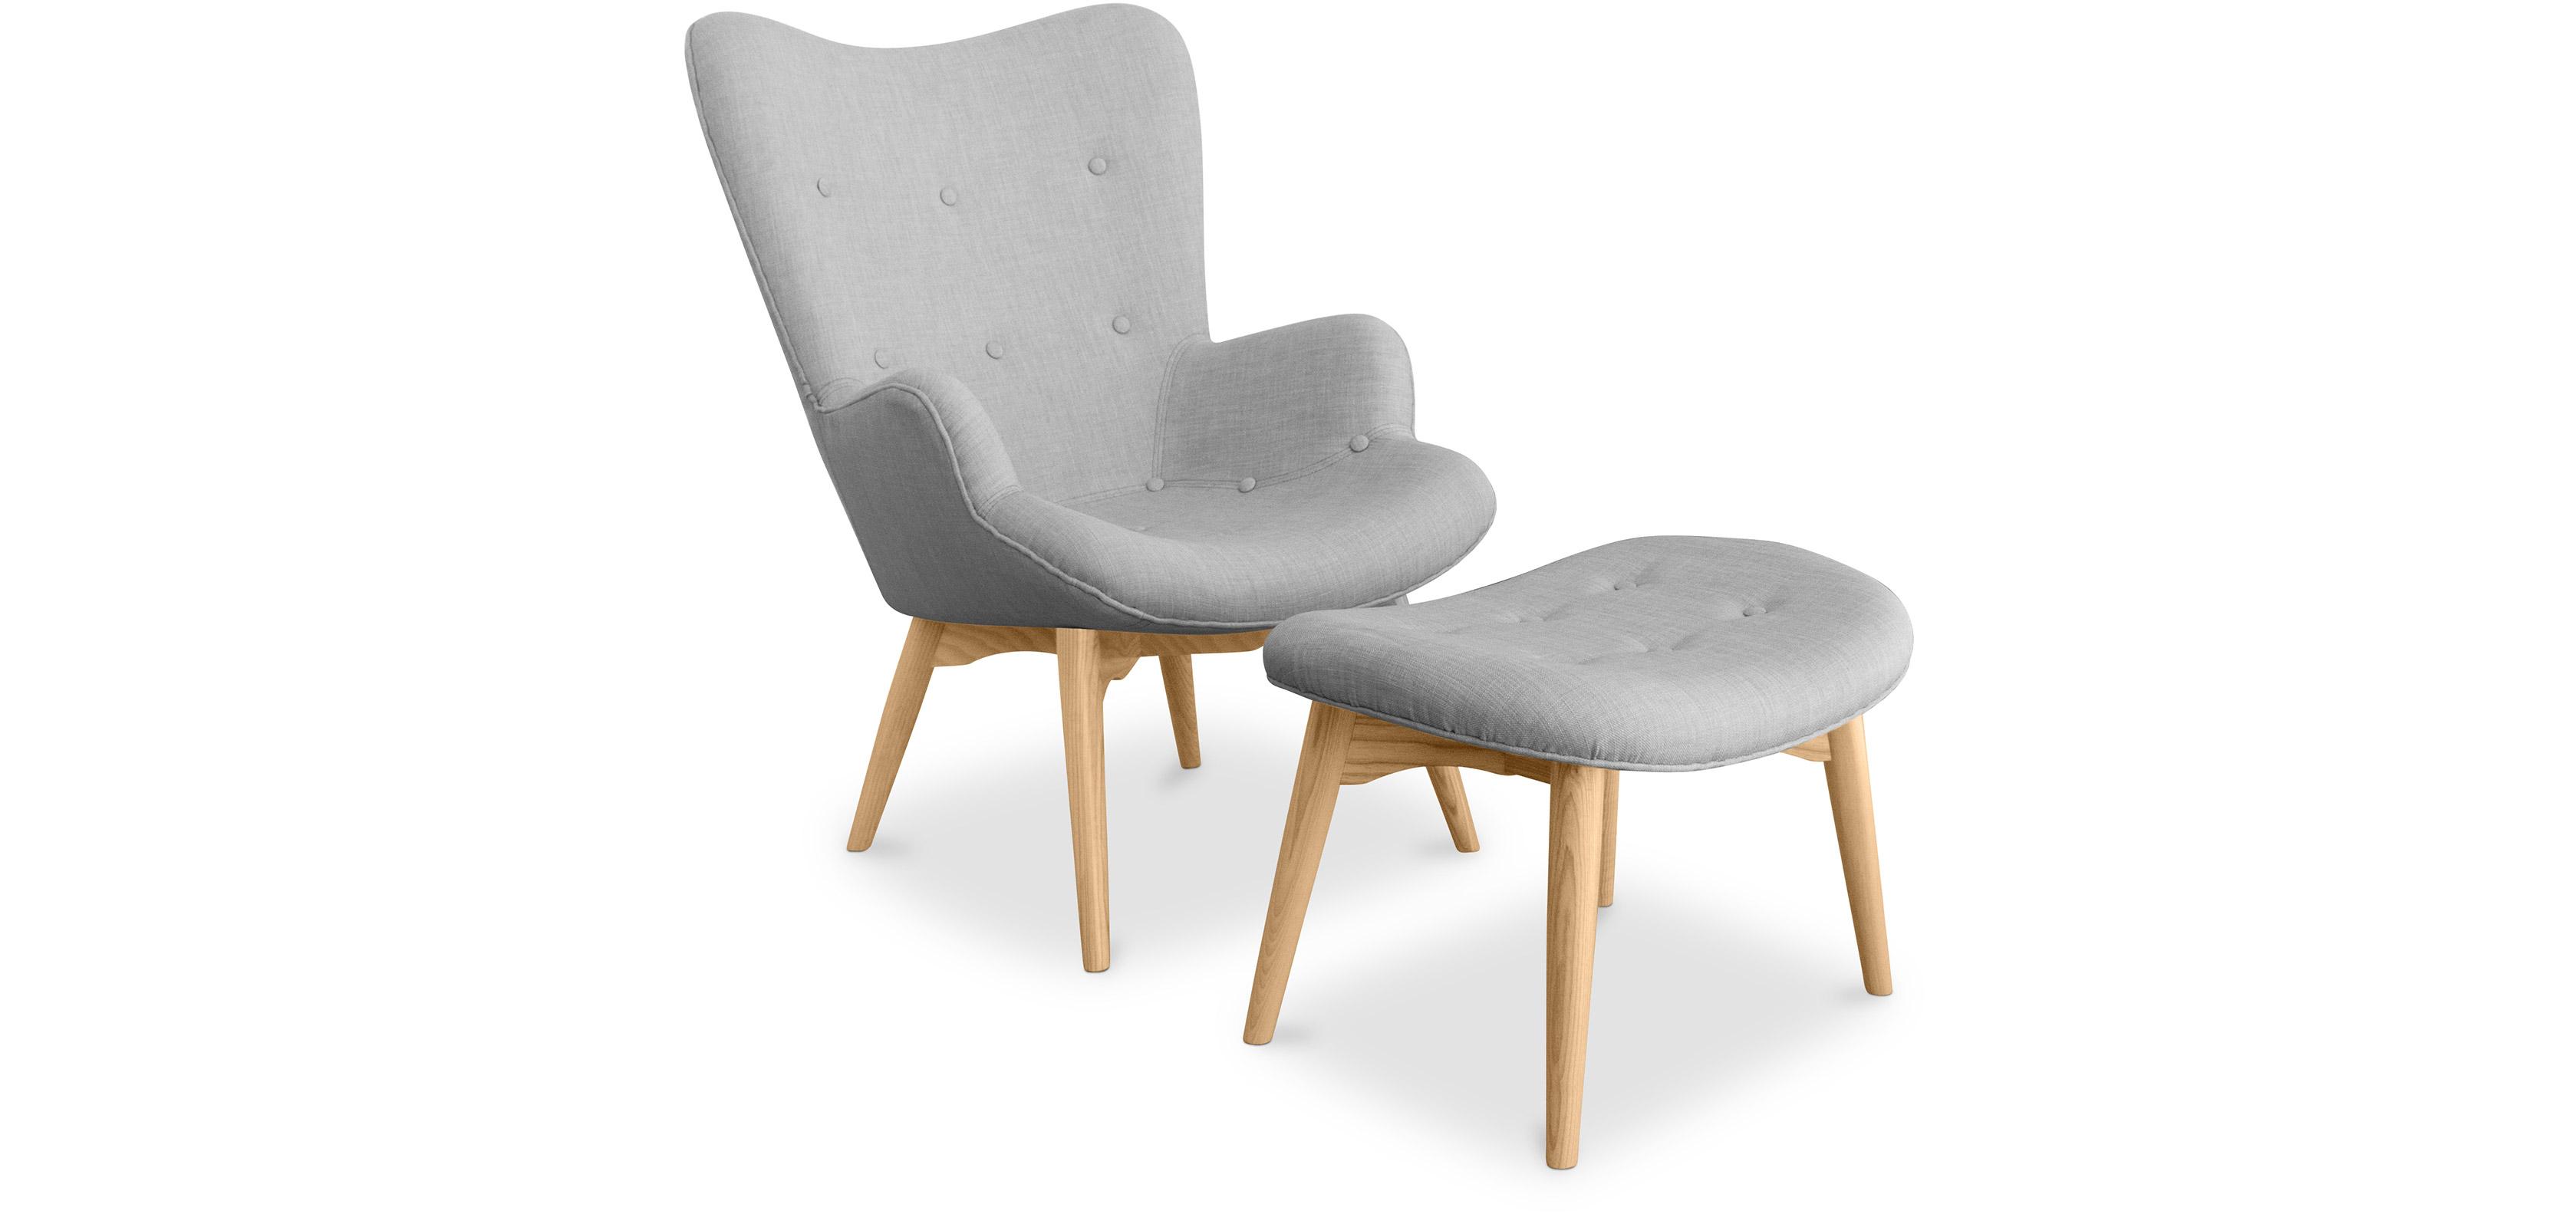 Contour Sessel Und Fußbank   Skandinavisches Design   Grant Featherston  Style